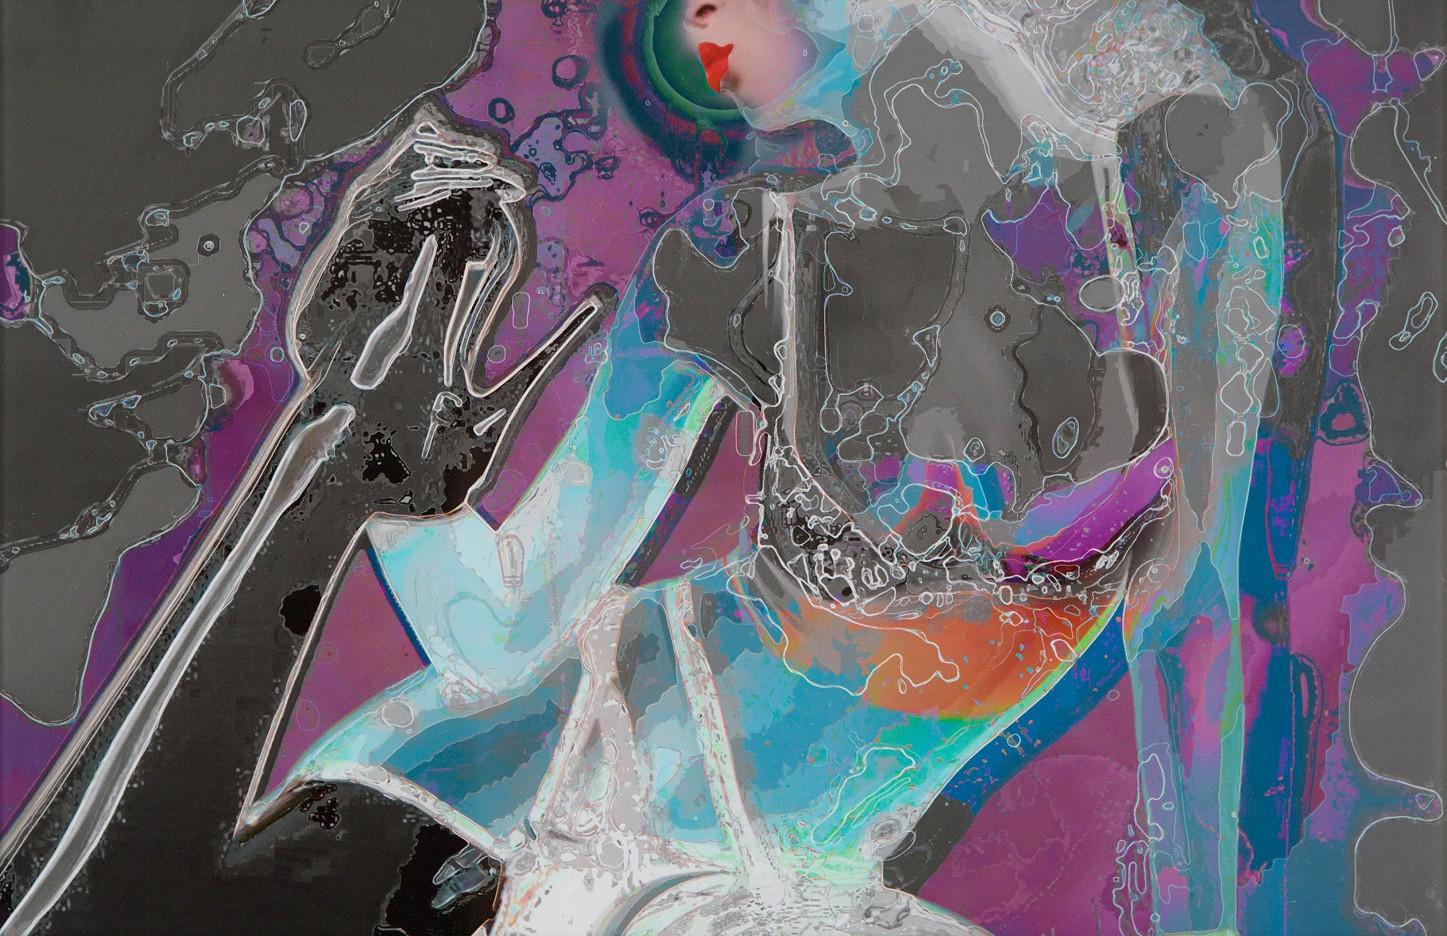 Showgirls - Von voyeuristischer Auslotung